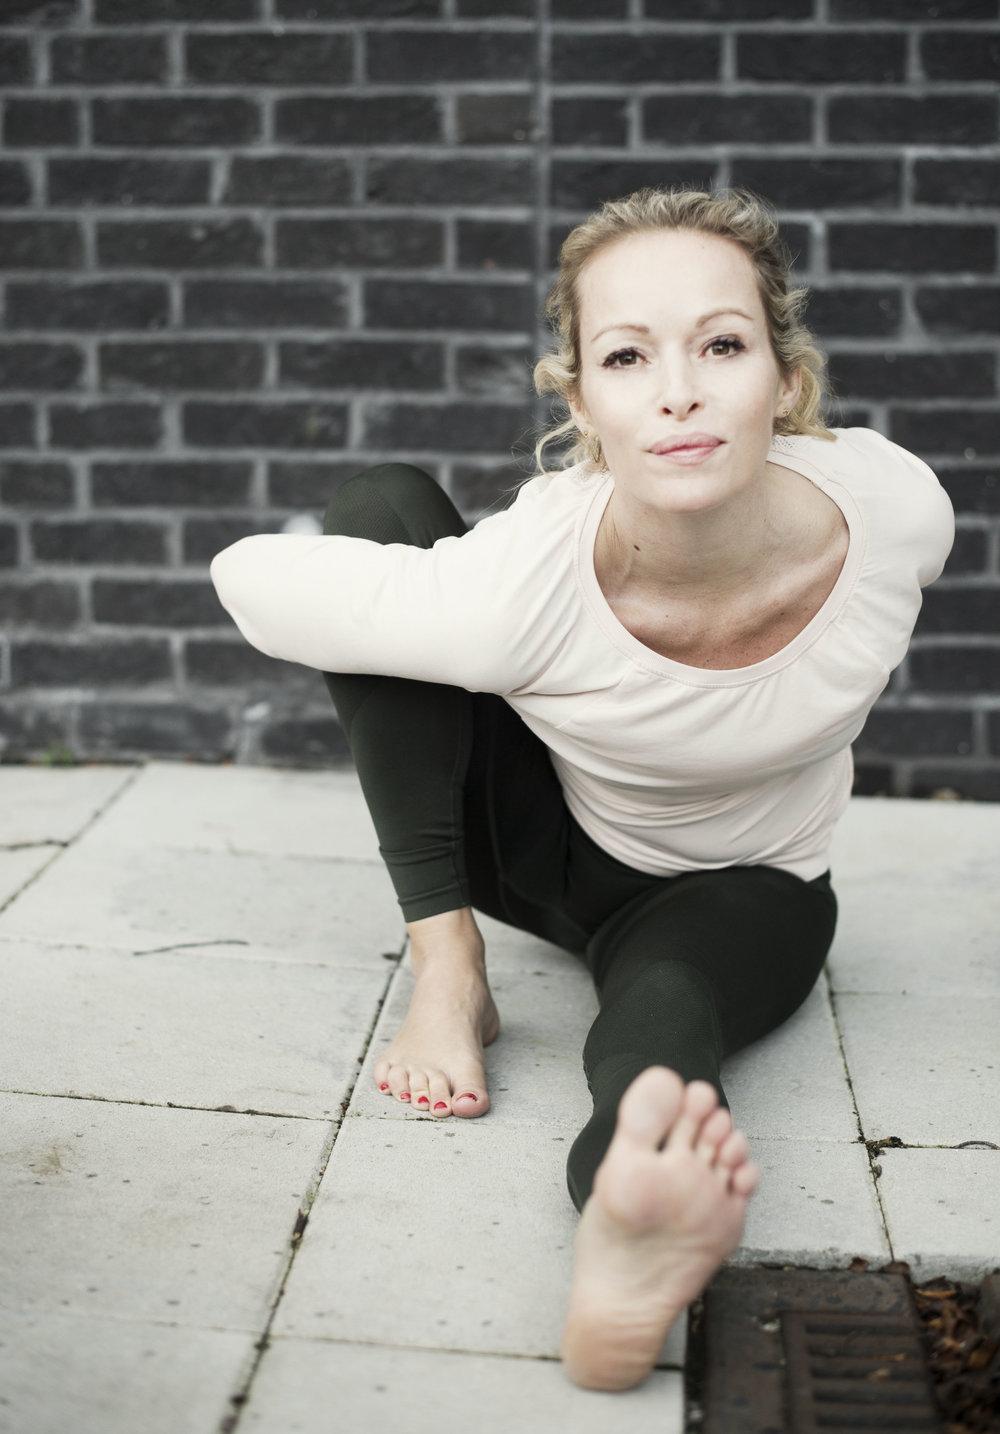 Marichiasana A Effekter: Strekker skuldrene, ryggen, hamstringene og hoftene. Denne asanaen masserer de indre organene, spesielt lever og nyrer. Forbedrer fordøyelsen og sinnet roes.